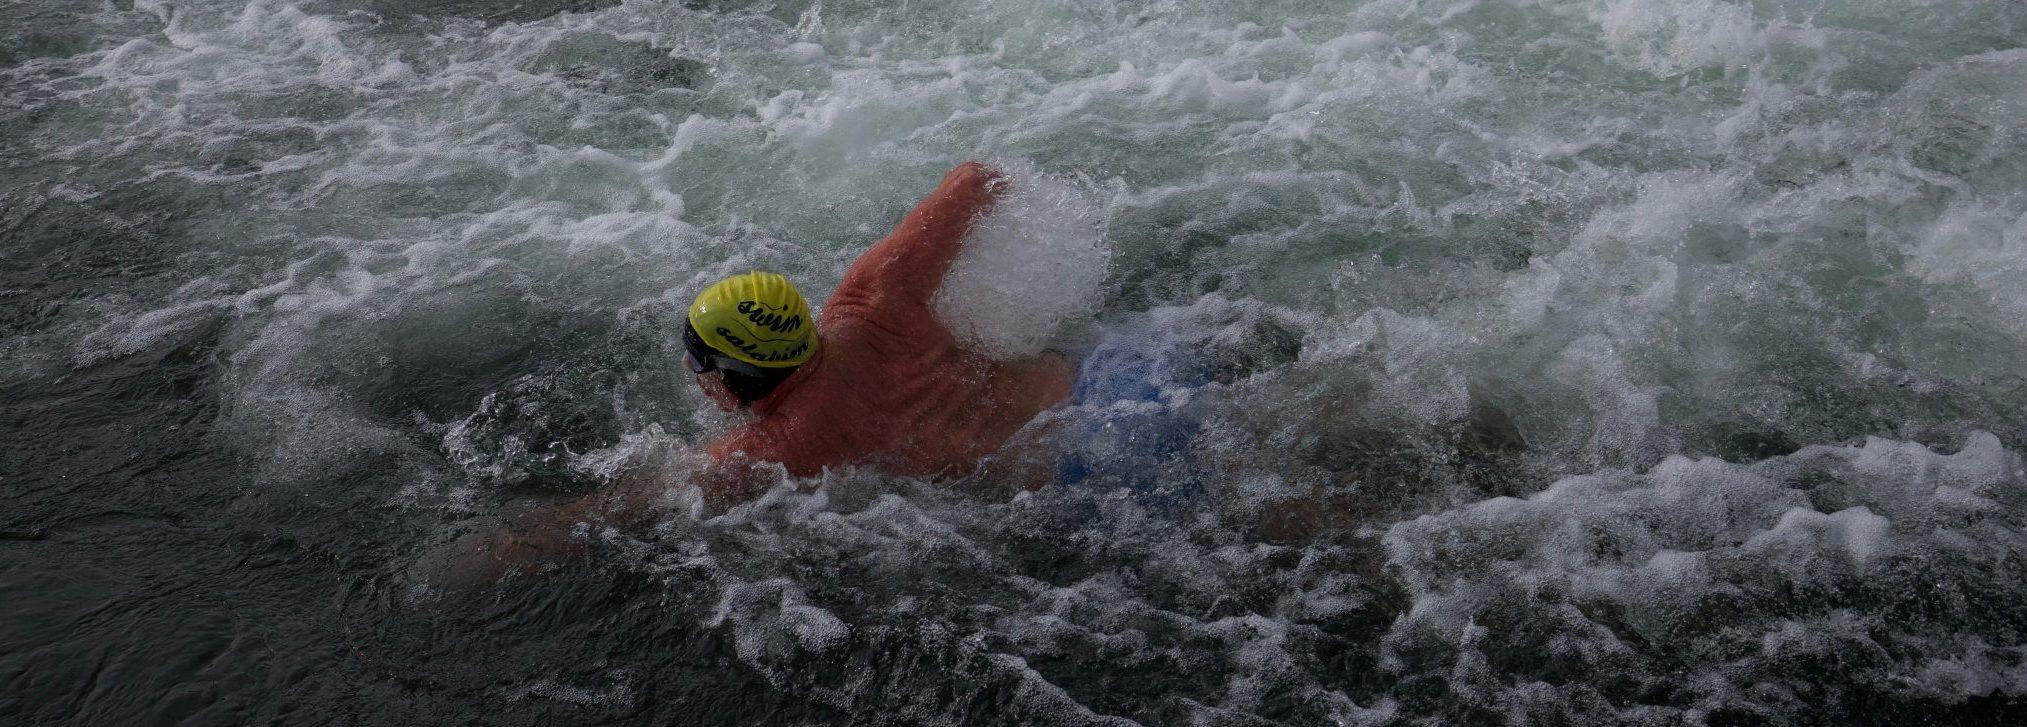 """Bei """"Race the Channel"""" sind nicht unedingt die stärksten Schwimmer im Vorteil sondern die, die das Wasser am besten lesen können."""